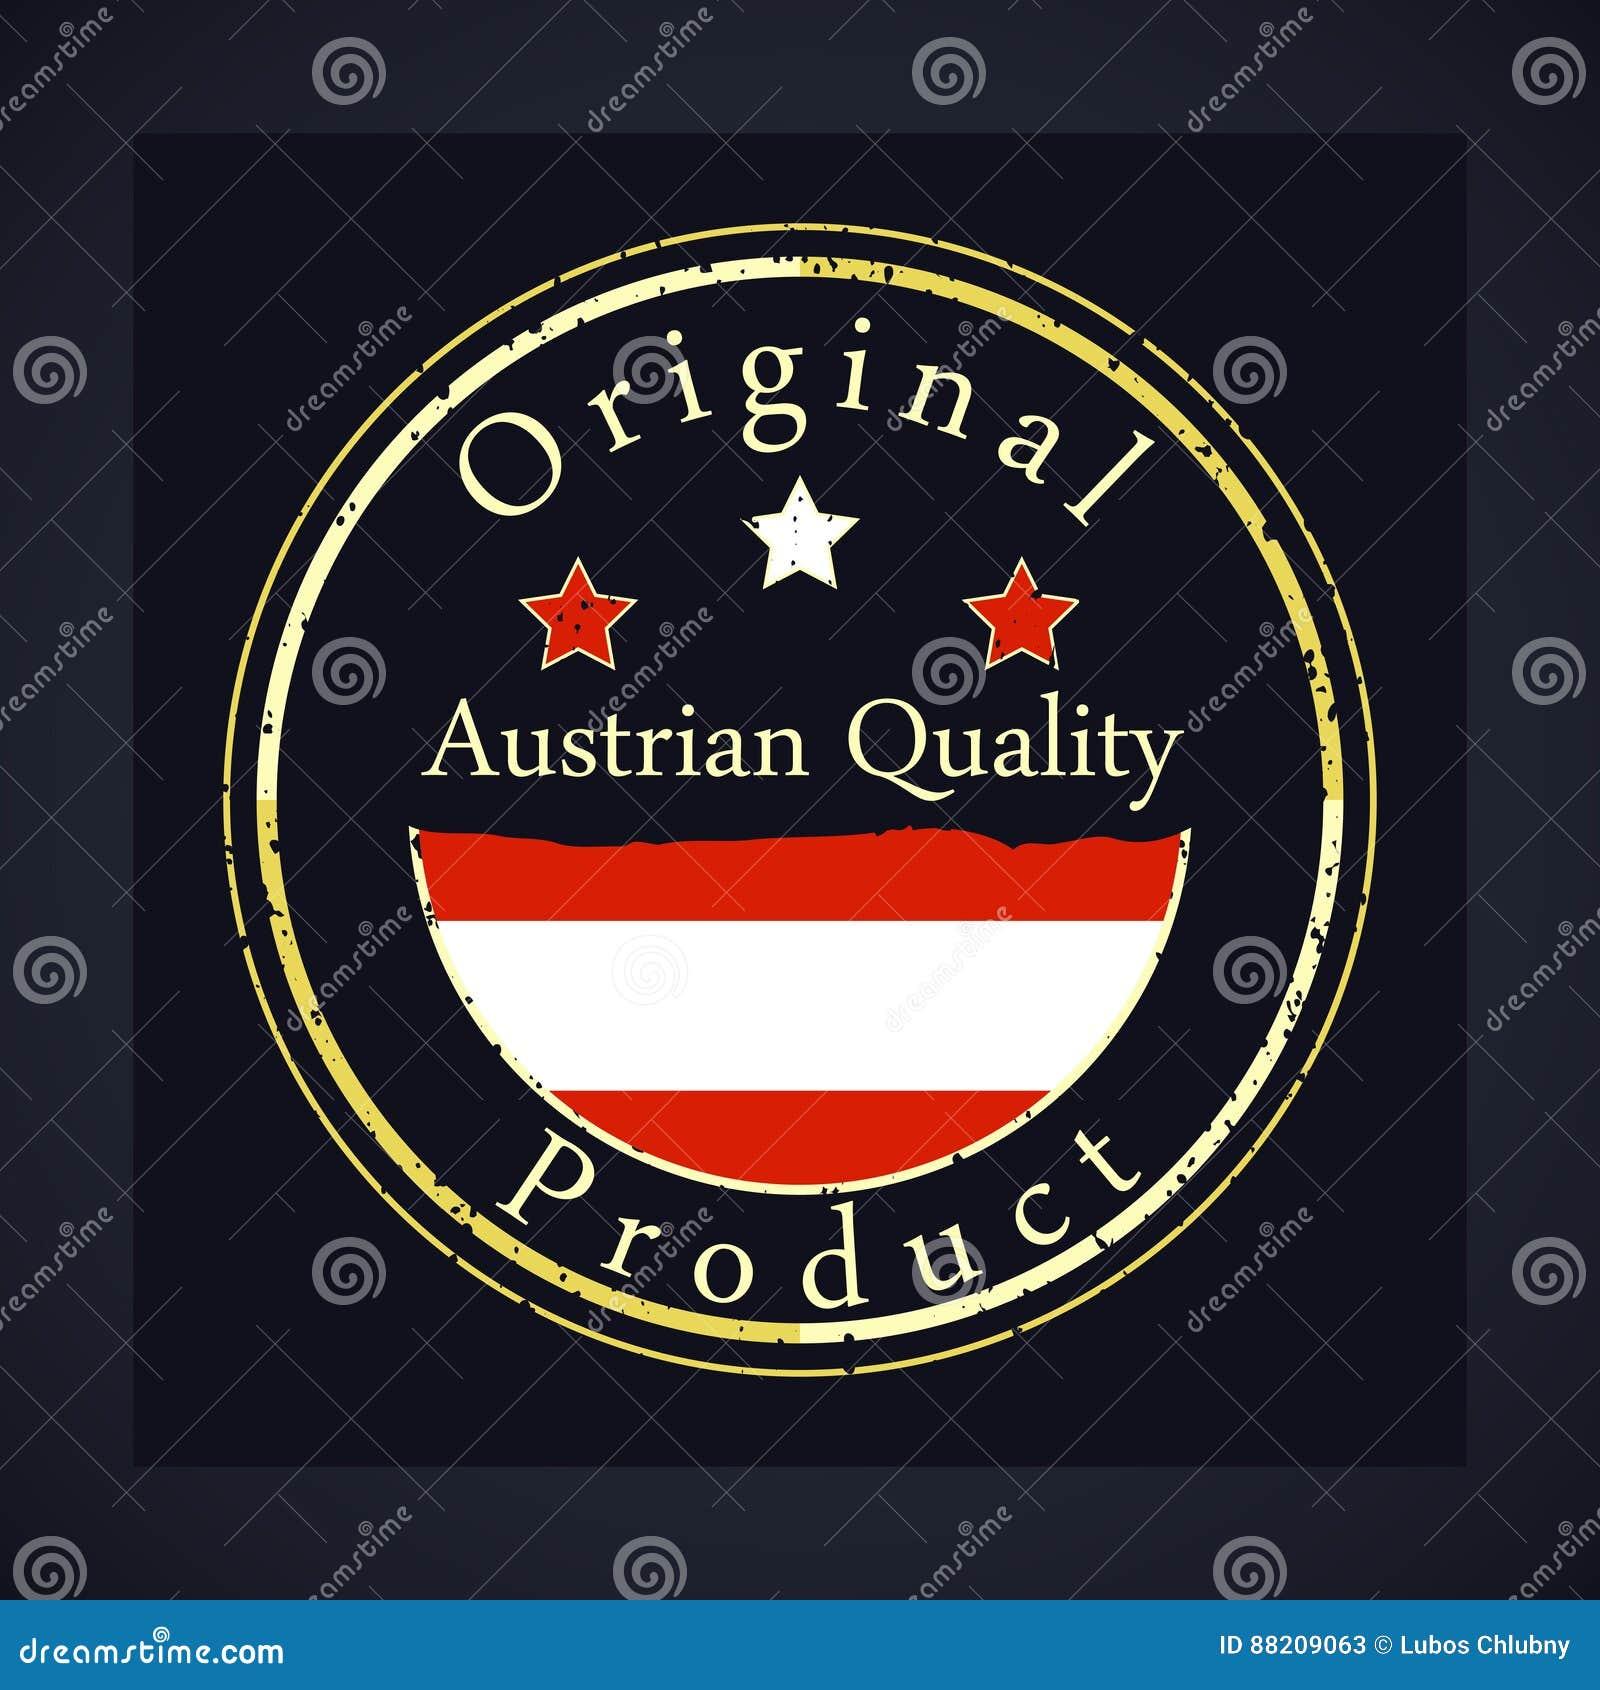 Selo do grunge do ouro com a qualidade austríaca do texto e o produto original